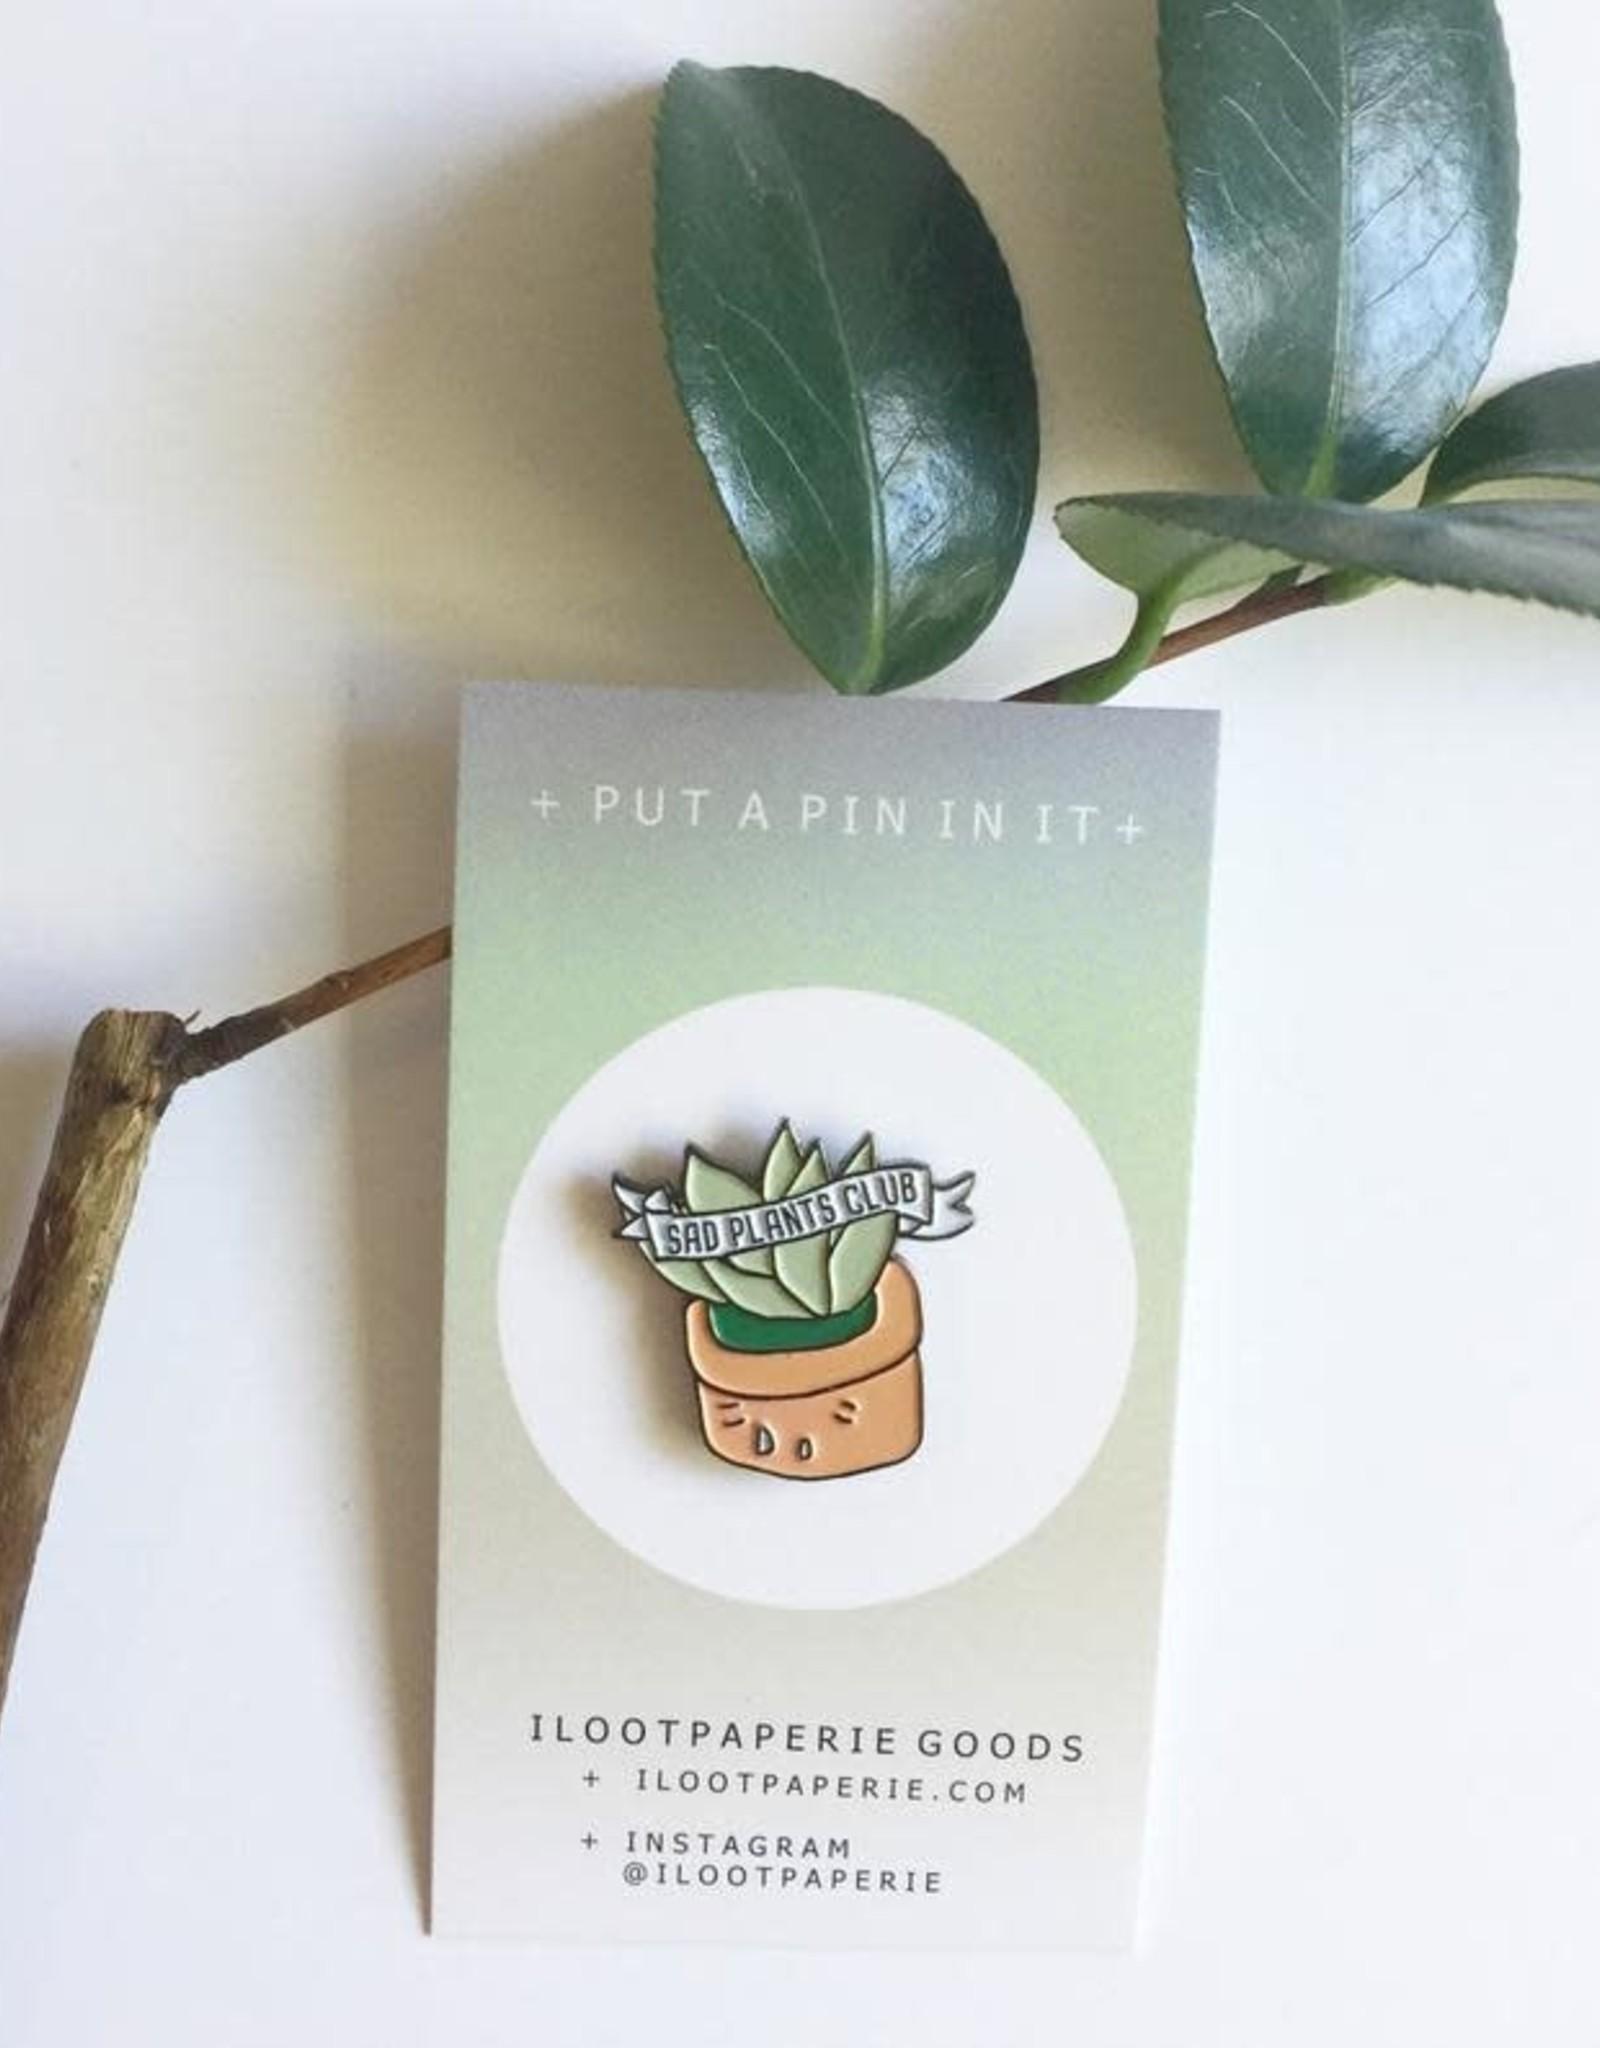 ilootpaperie ilootpaperie| Sad Plants Club Pin